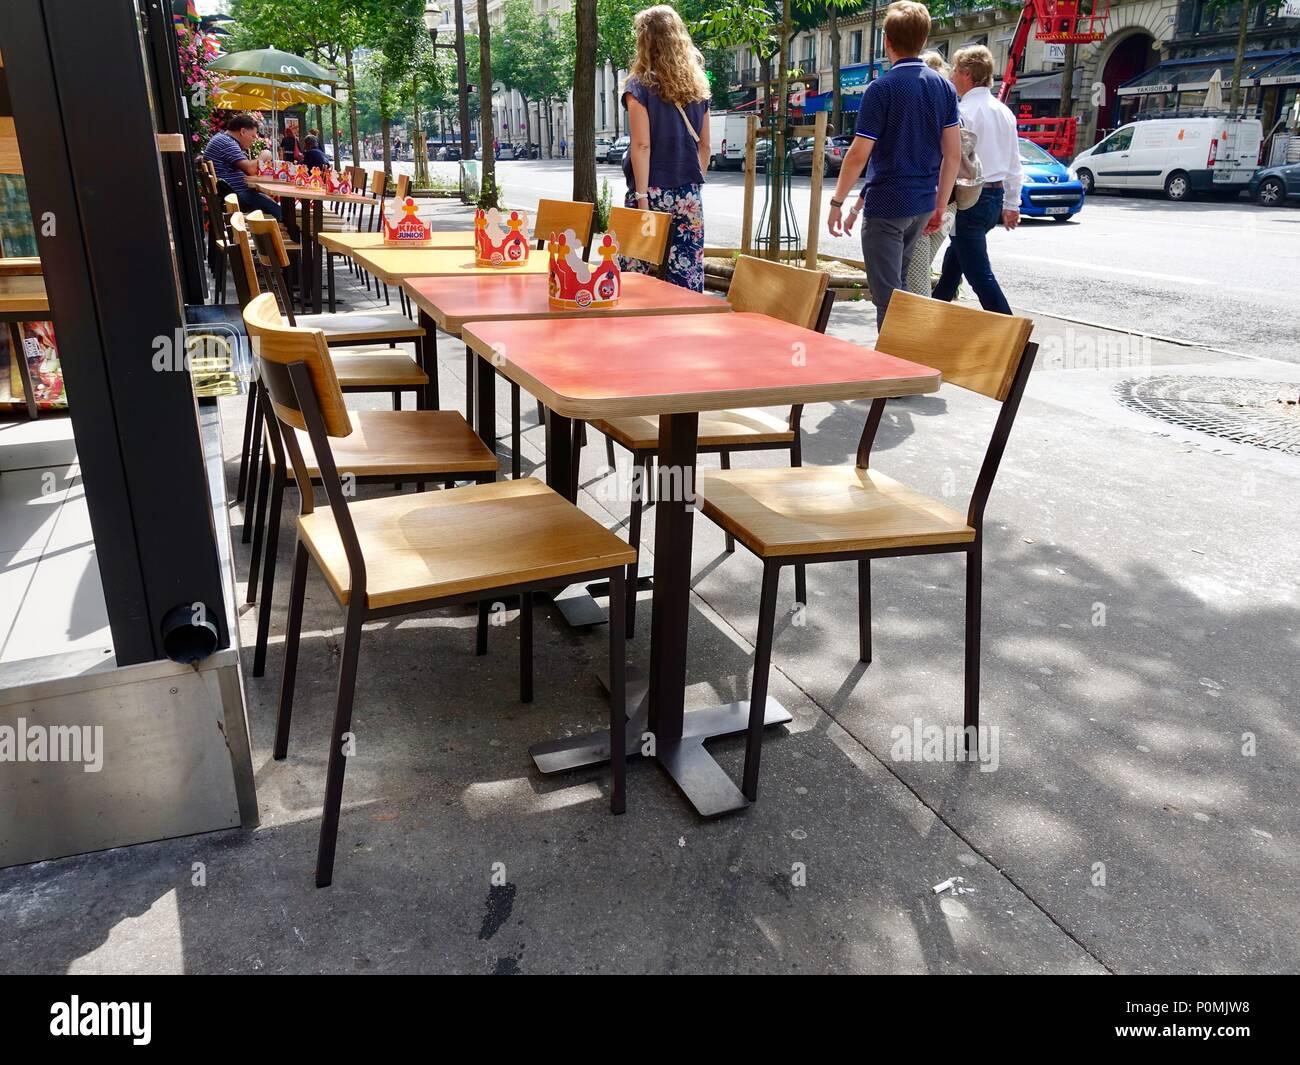 Tabellen, mit Burger King Kronen, und Stühle draußen ein Fast-Food-Restaurant, Paris, Frankreich Stockbild